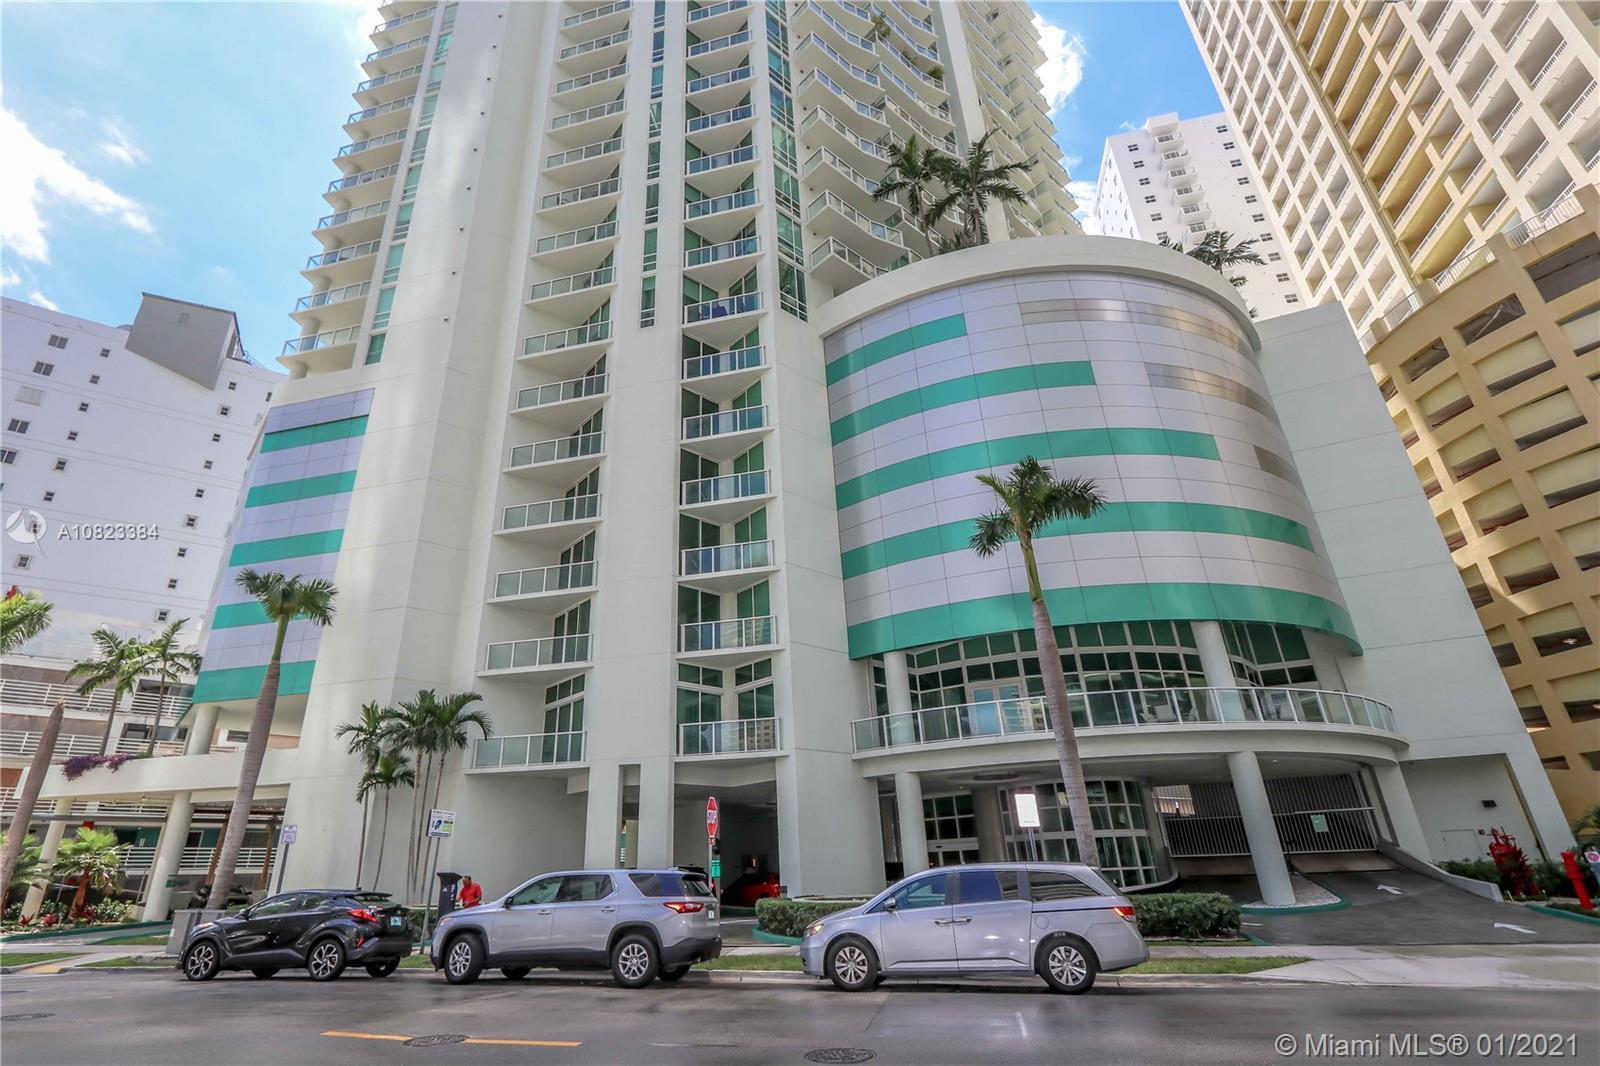 Emerald at Brickell #1405 - 218 SE 14th St #1405, Miami, FL 33131